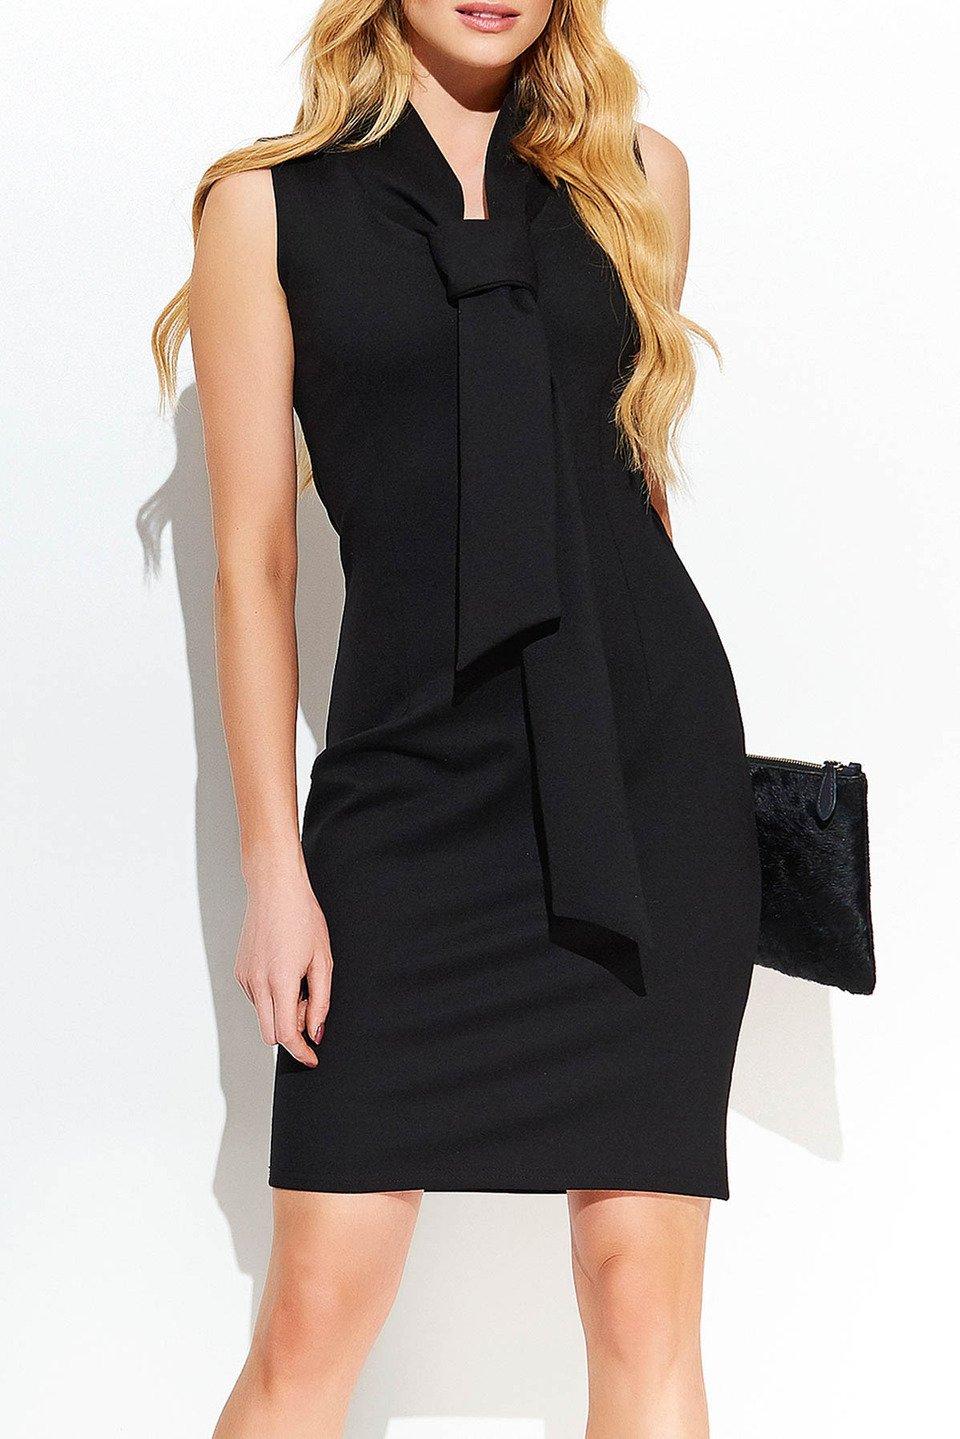 BRITNEY DRESS IN BLACK